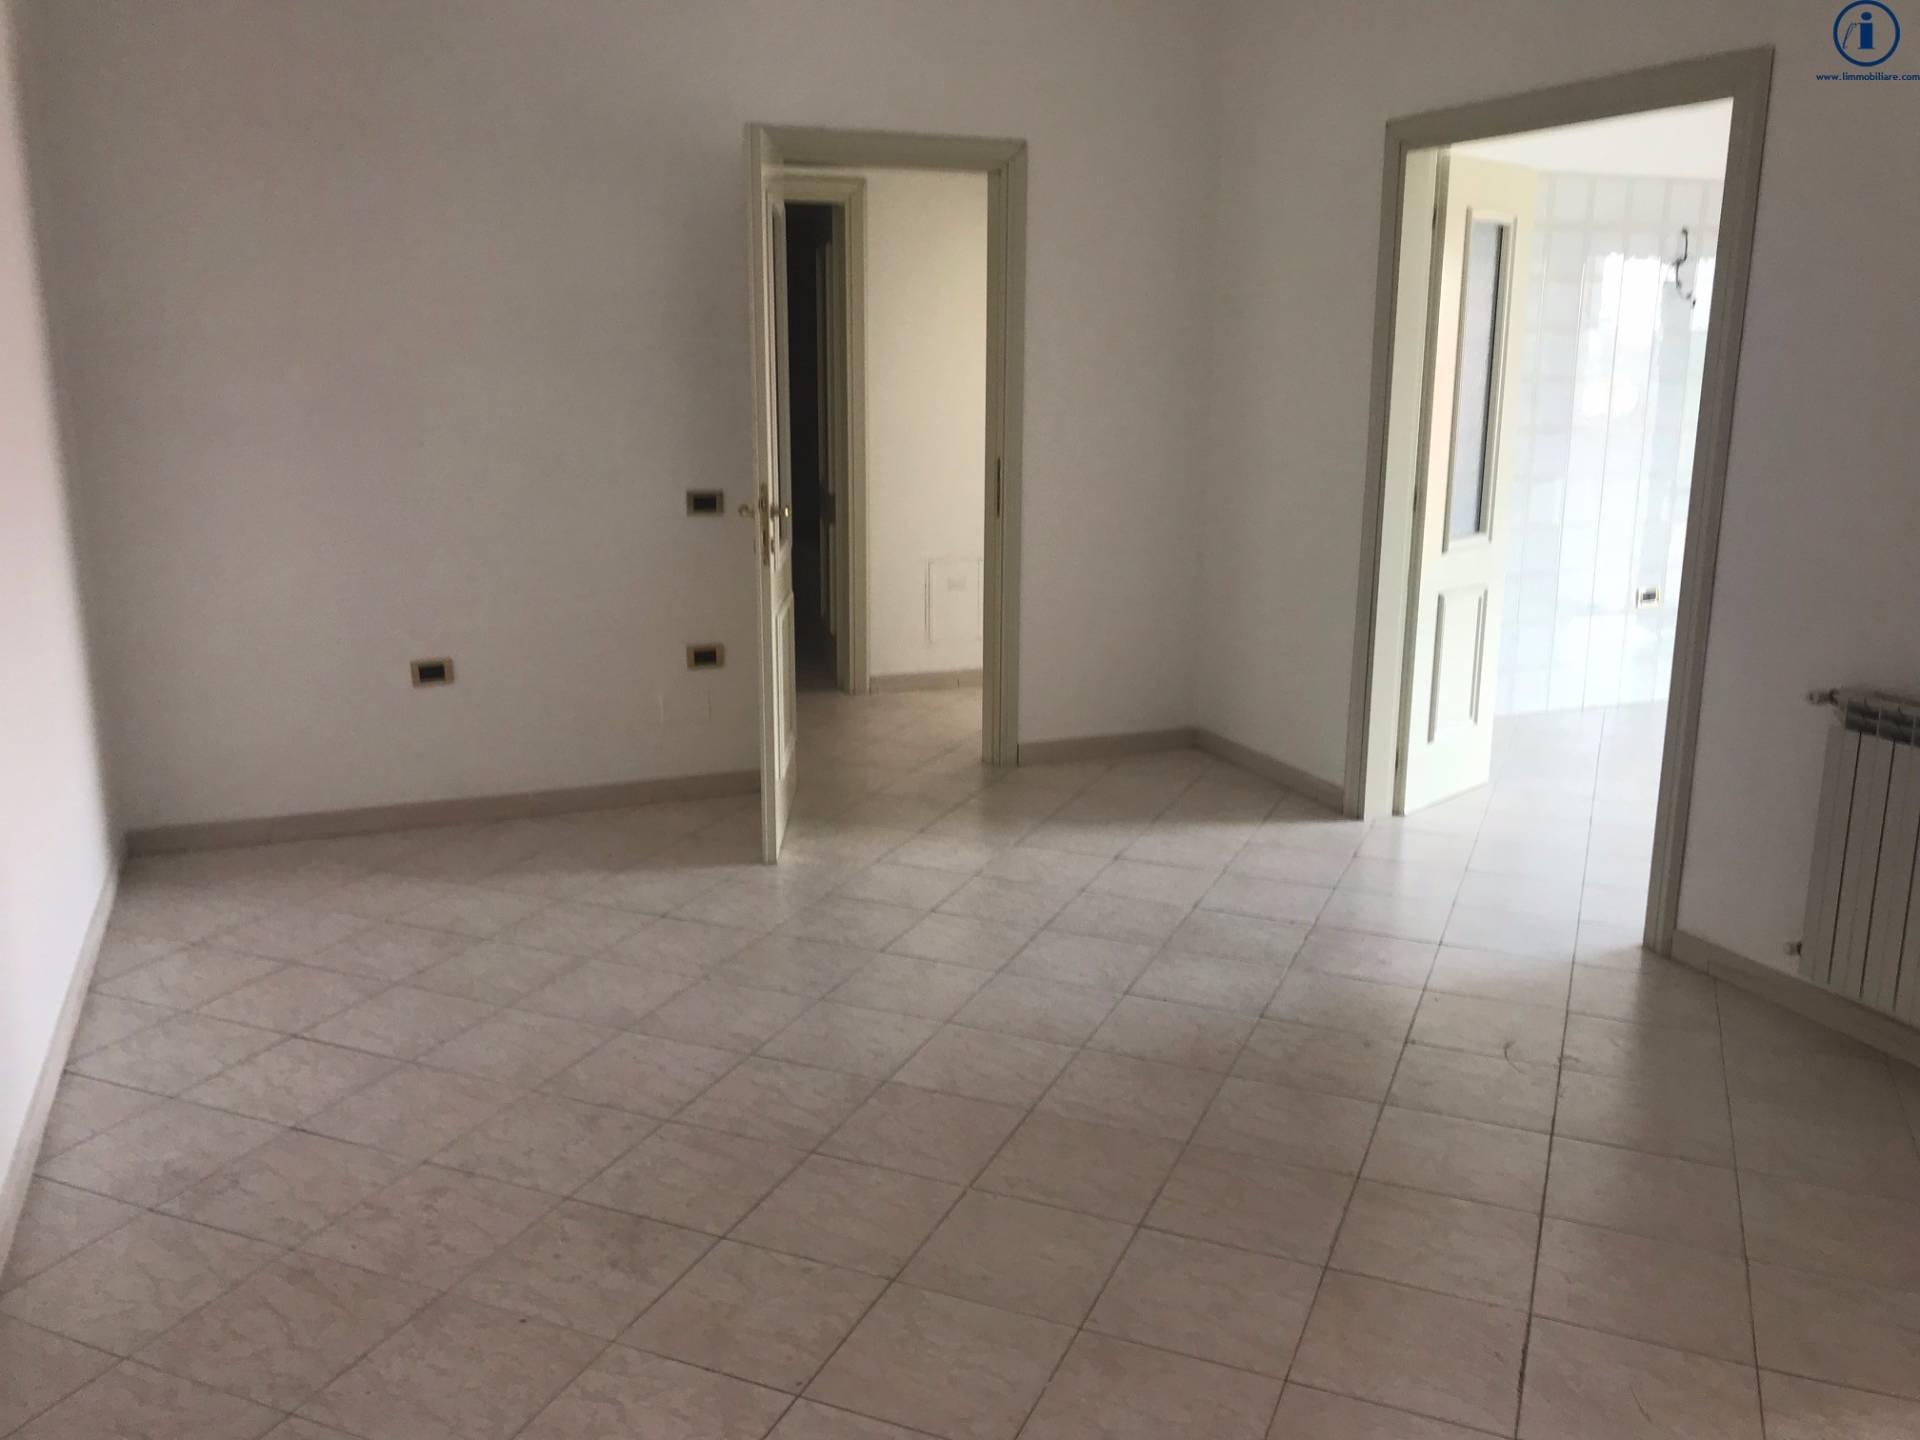 Appartamento, 100 Mq, Vendita - Caserta (Caserta)